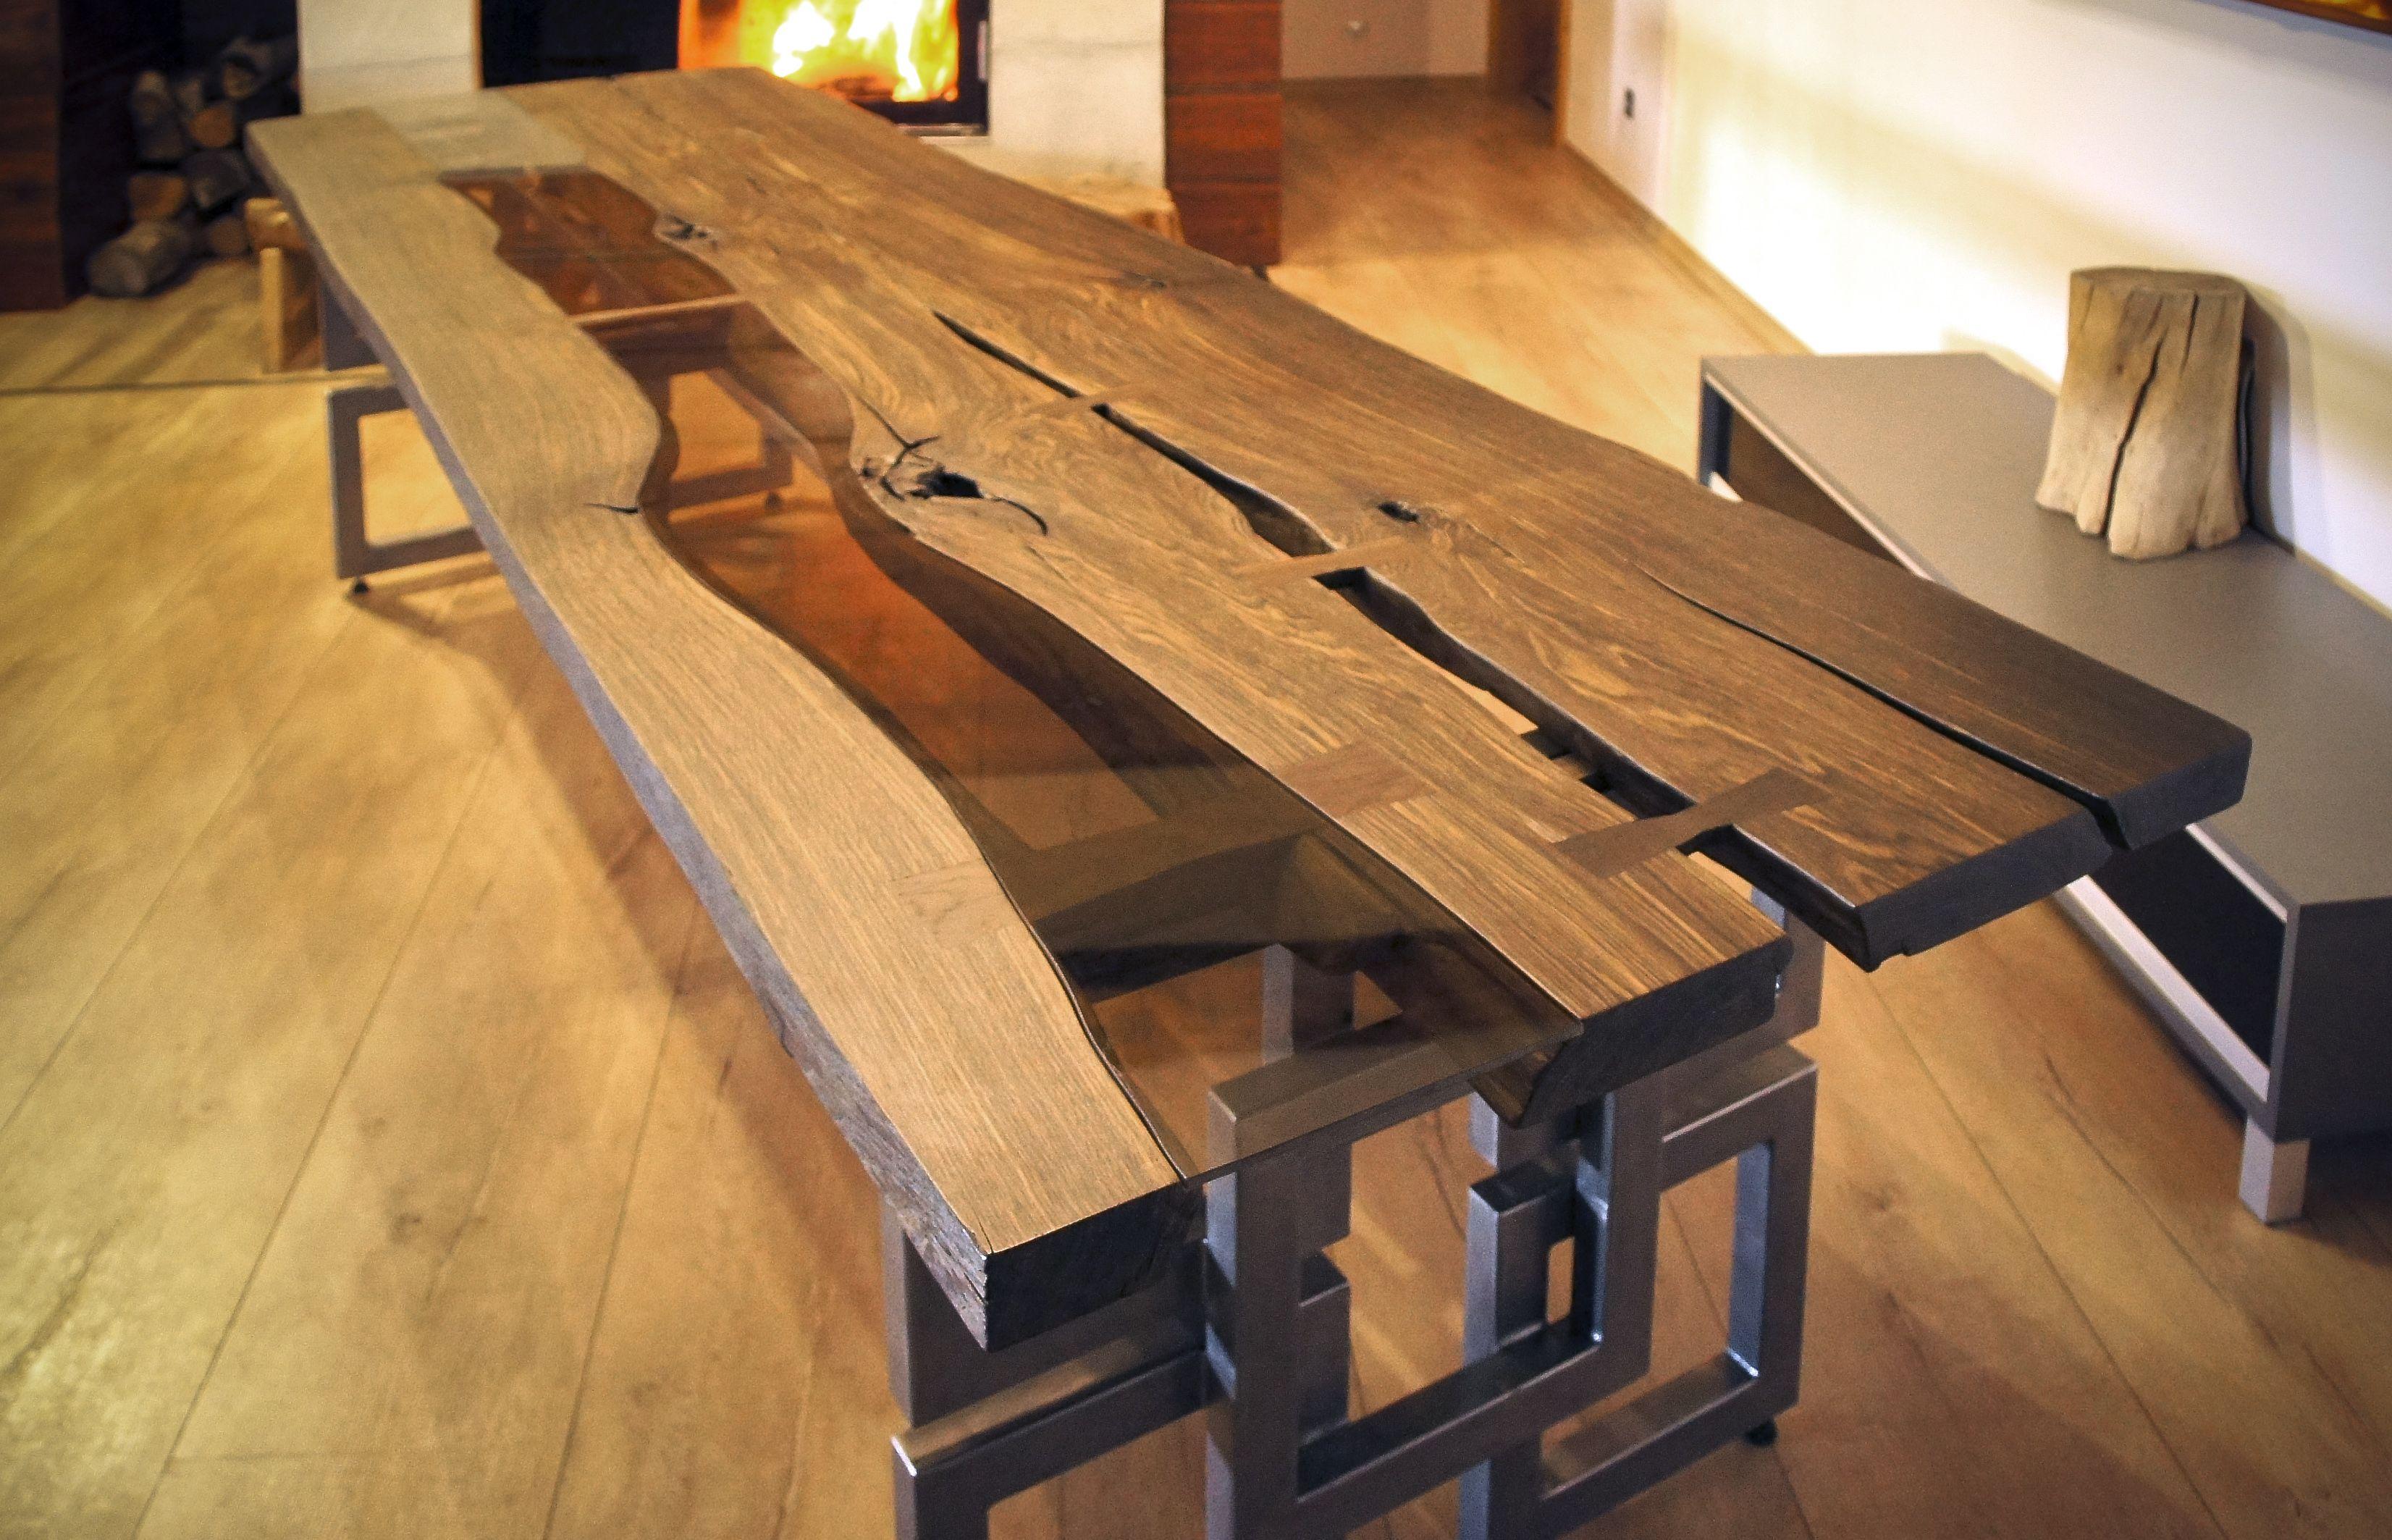 Alter Küchentisch ~ Tisch aus mooreiche das schwarze eichenholz лофт мебель pinterest